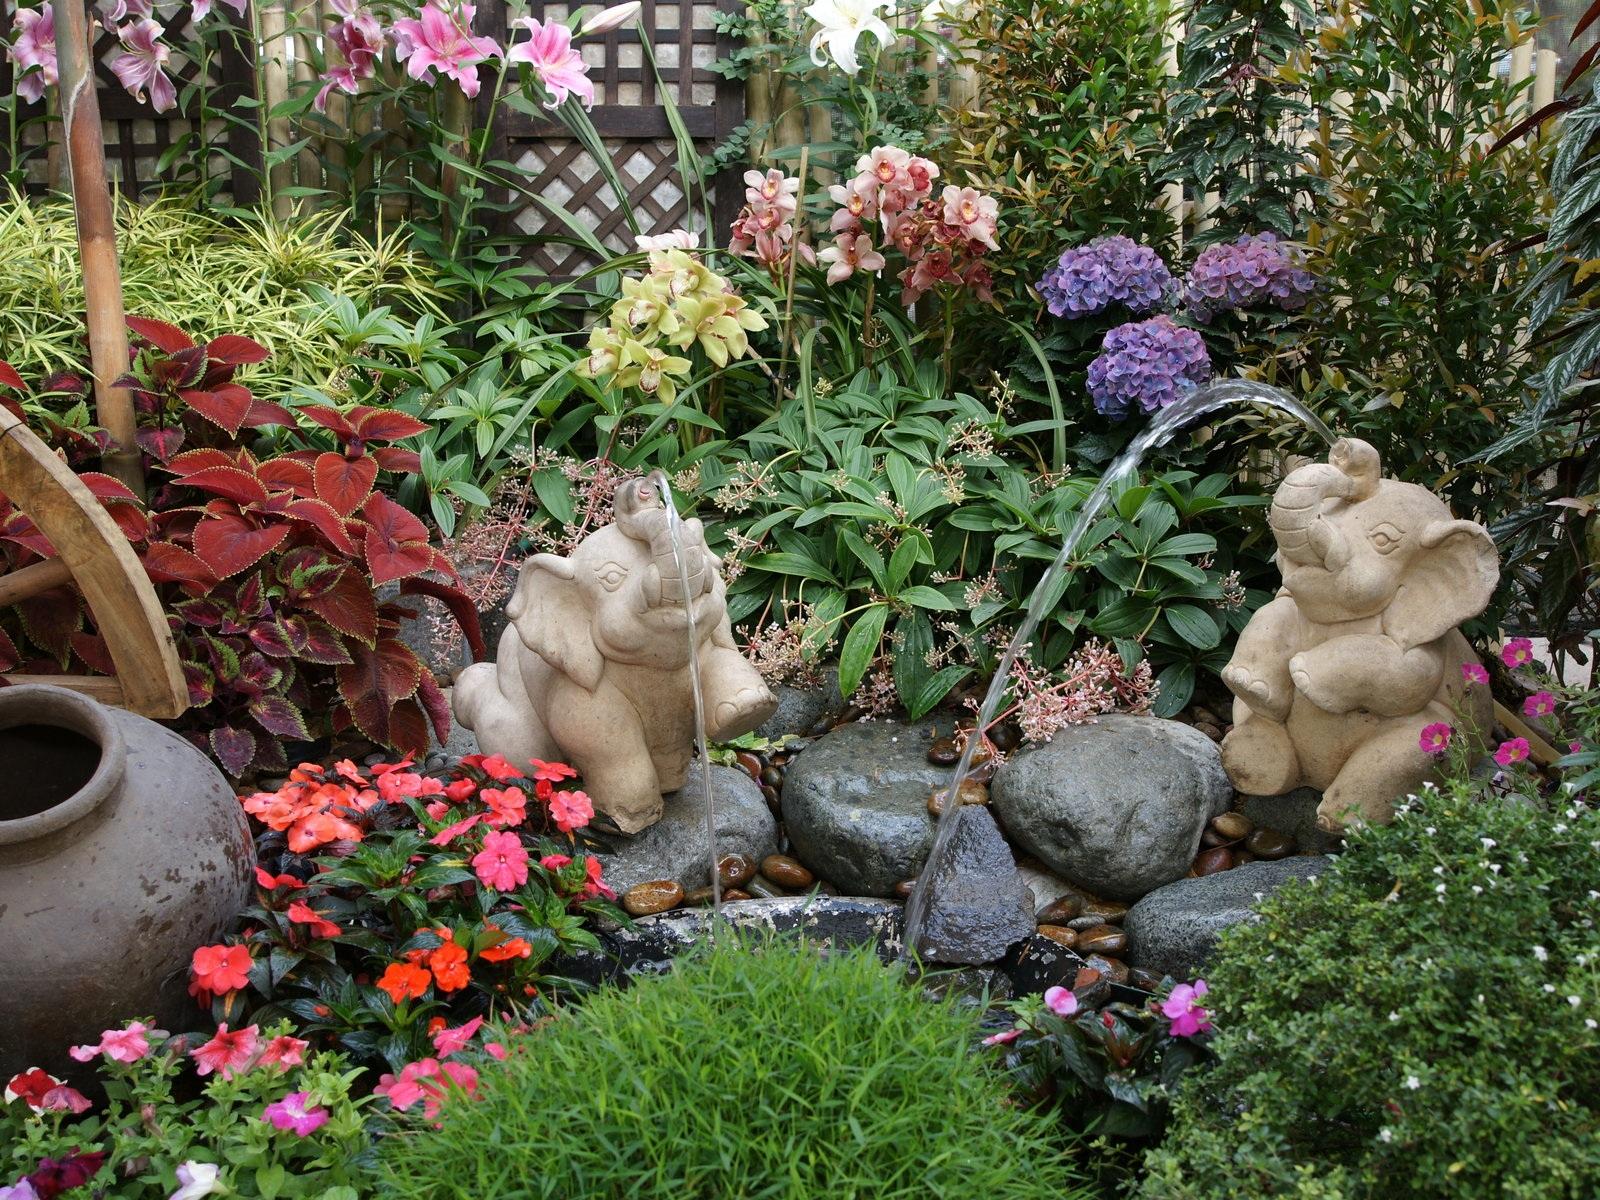 Vida jard n jardines peque os con encanto - Pequenos jardines con encanto ...